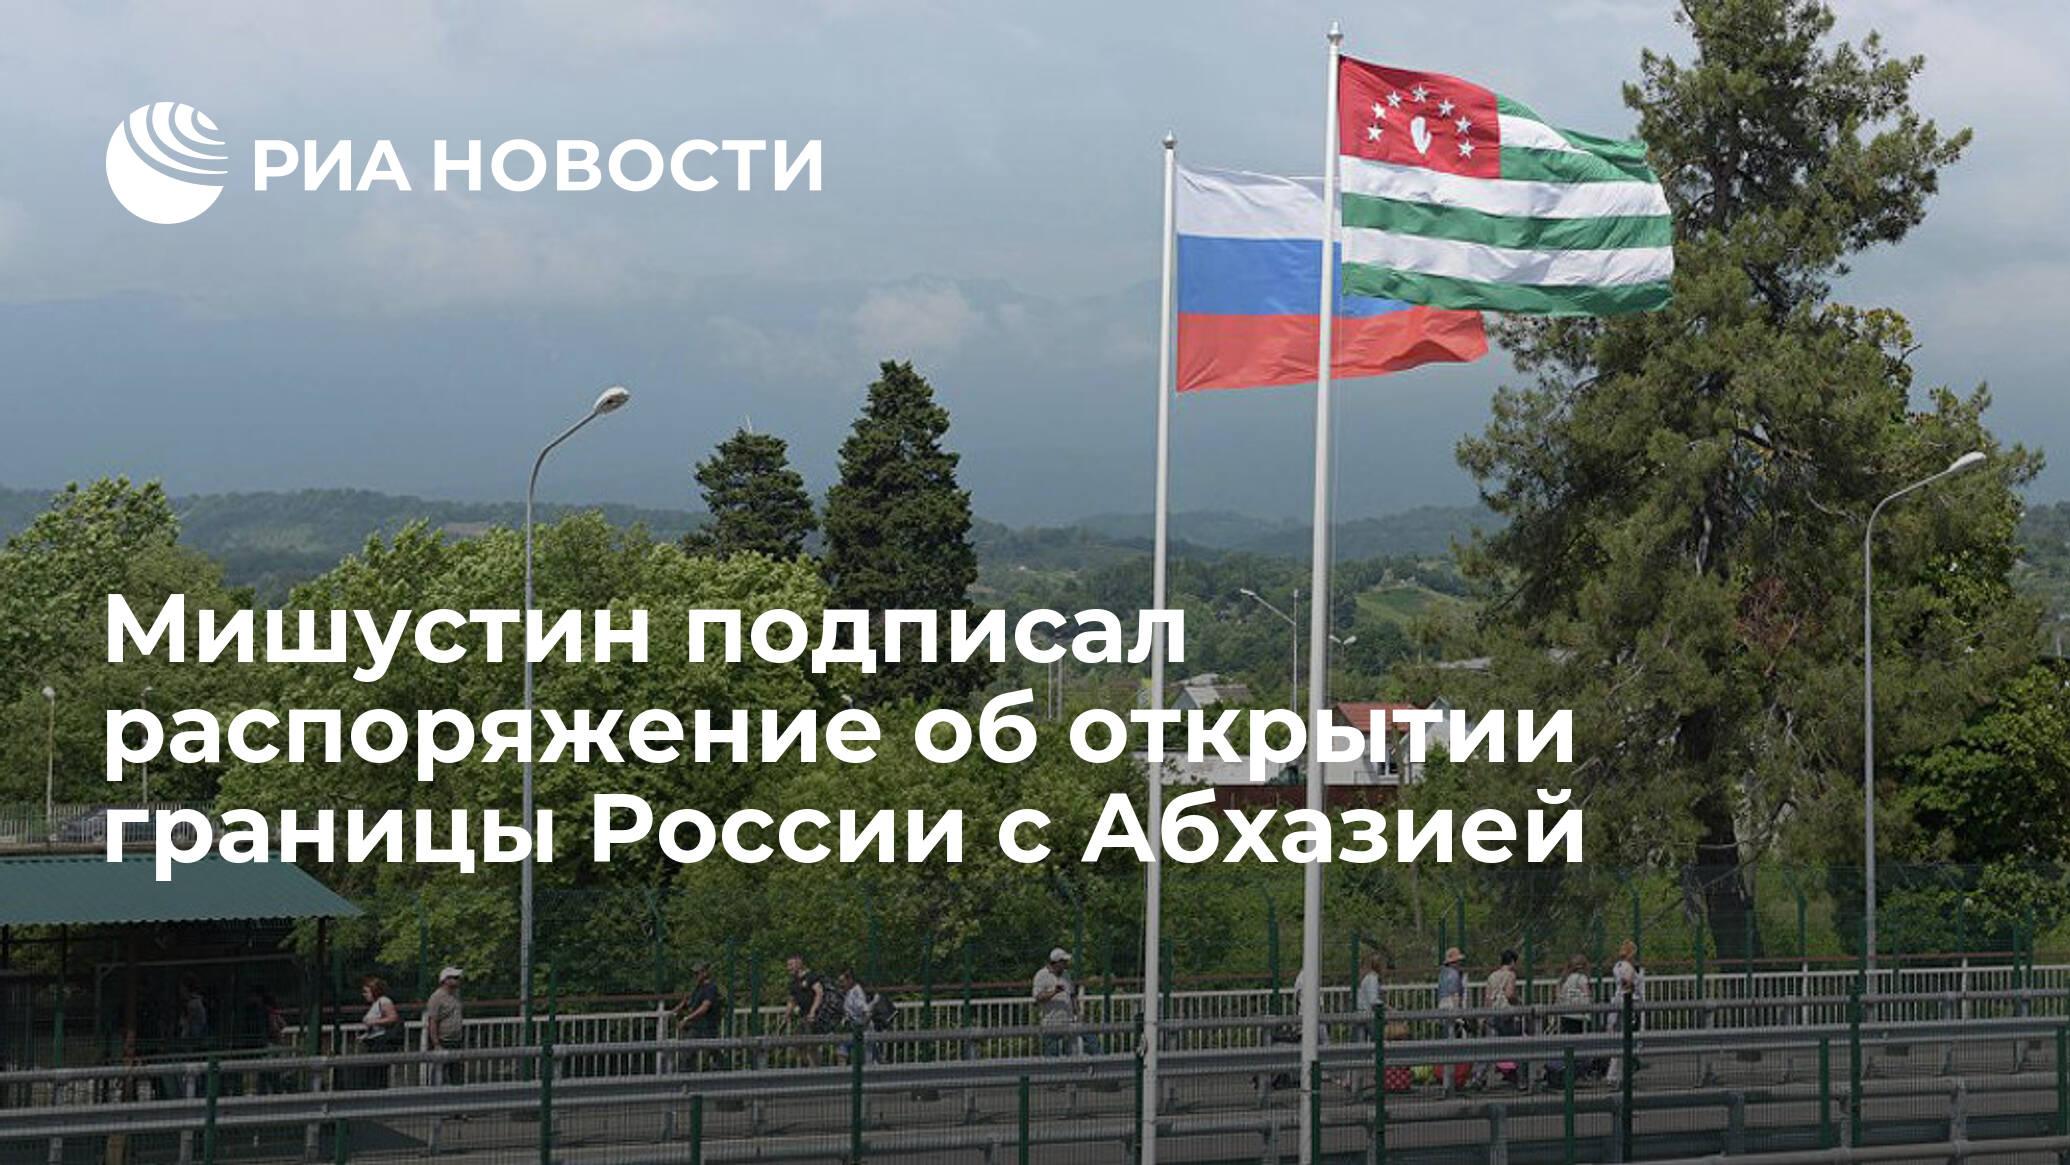 Мишустин подписал распоряжение об открытии границы России с Абхазией